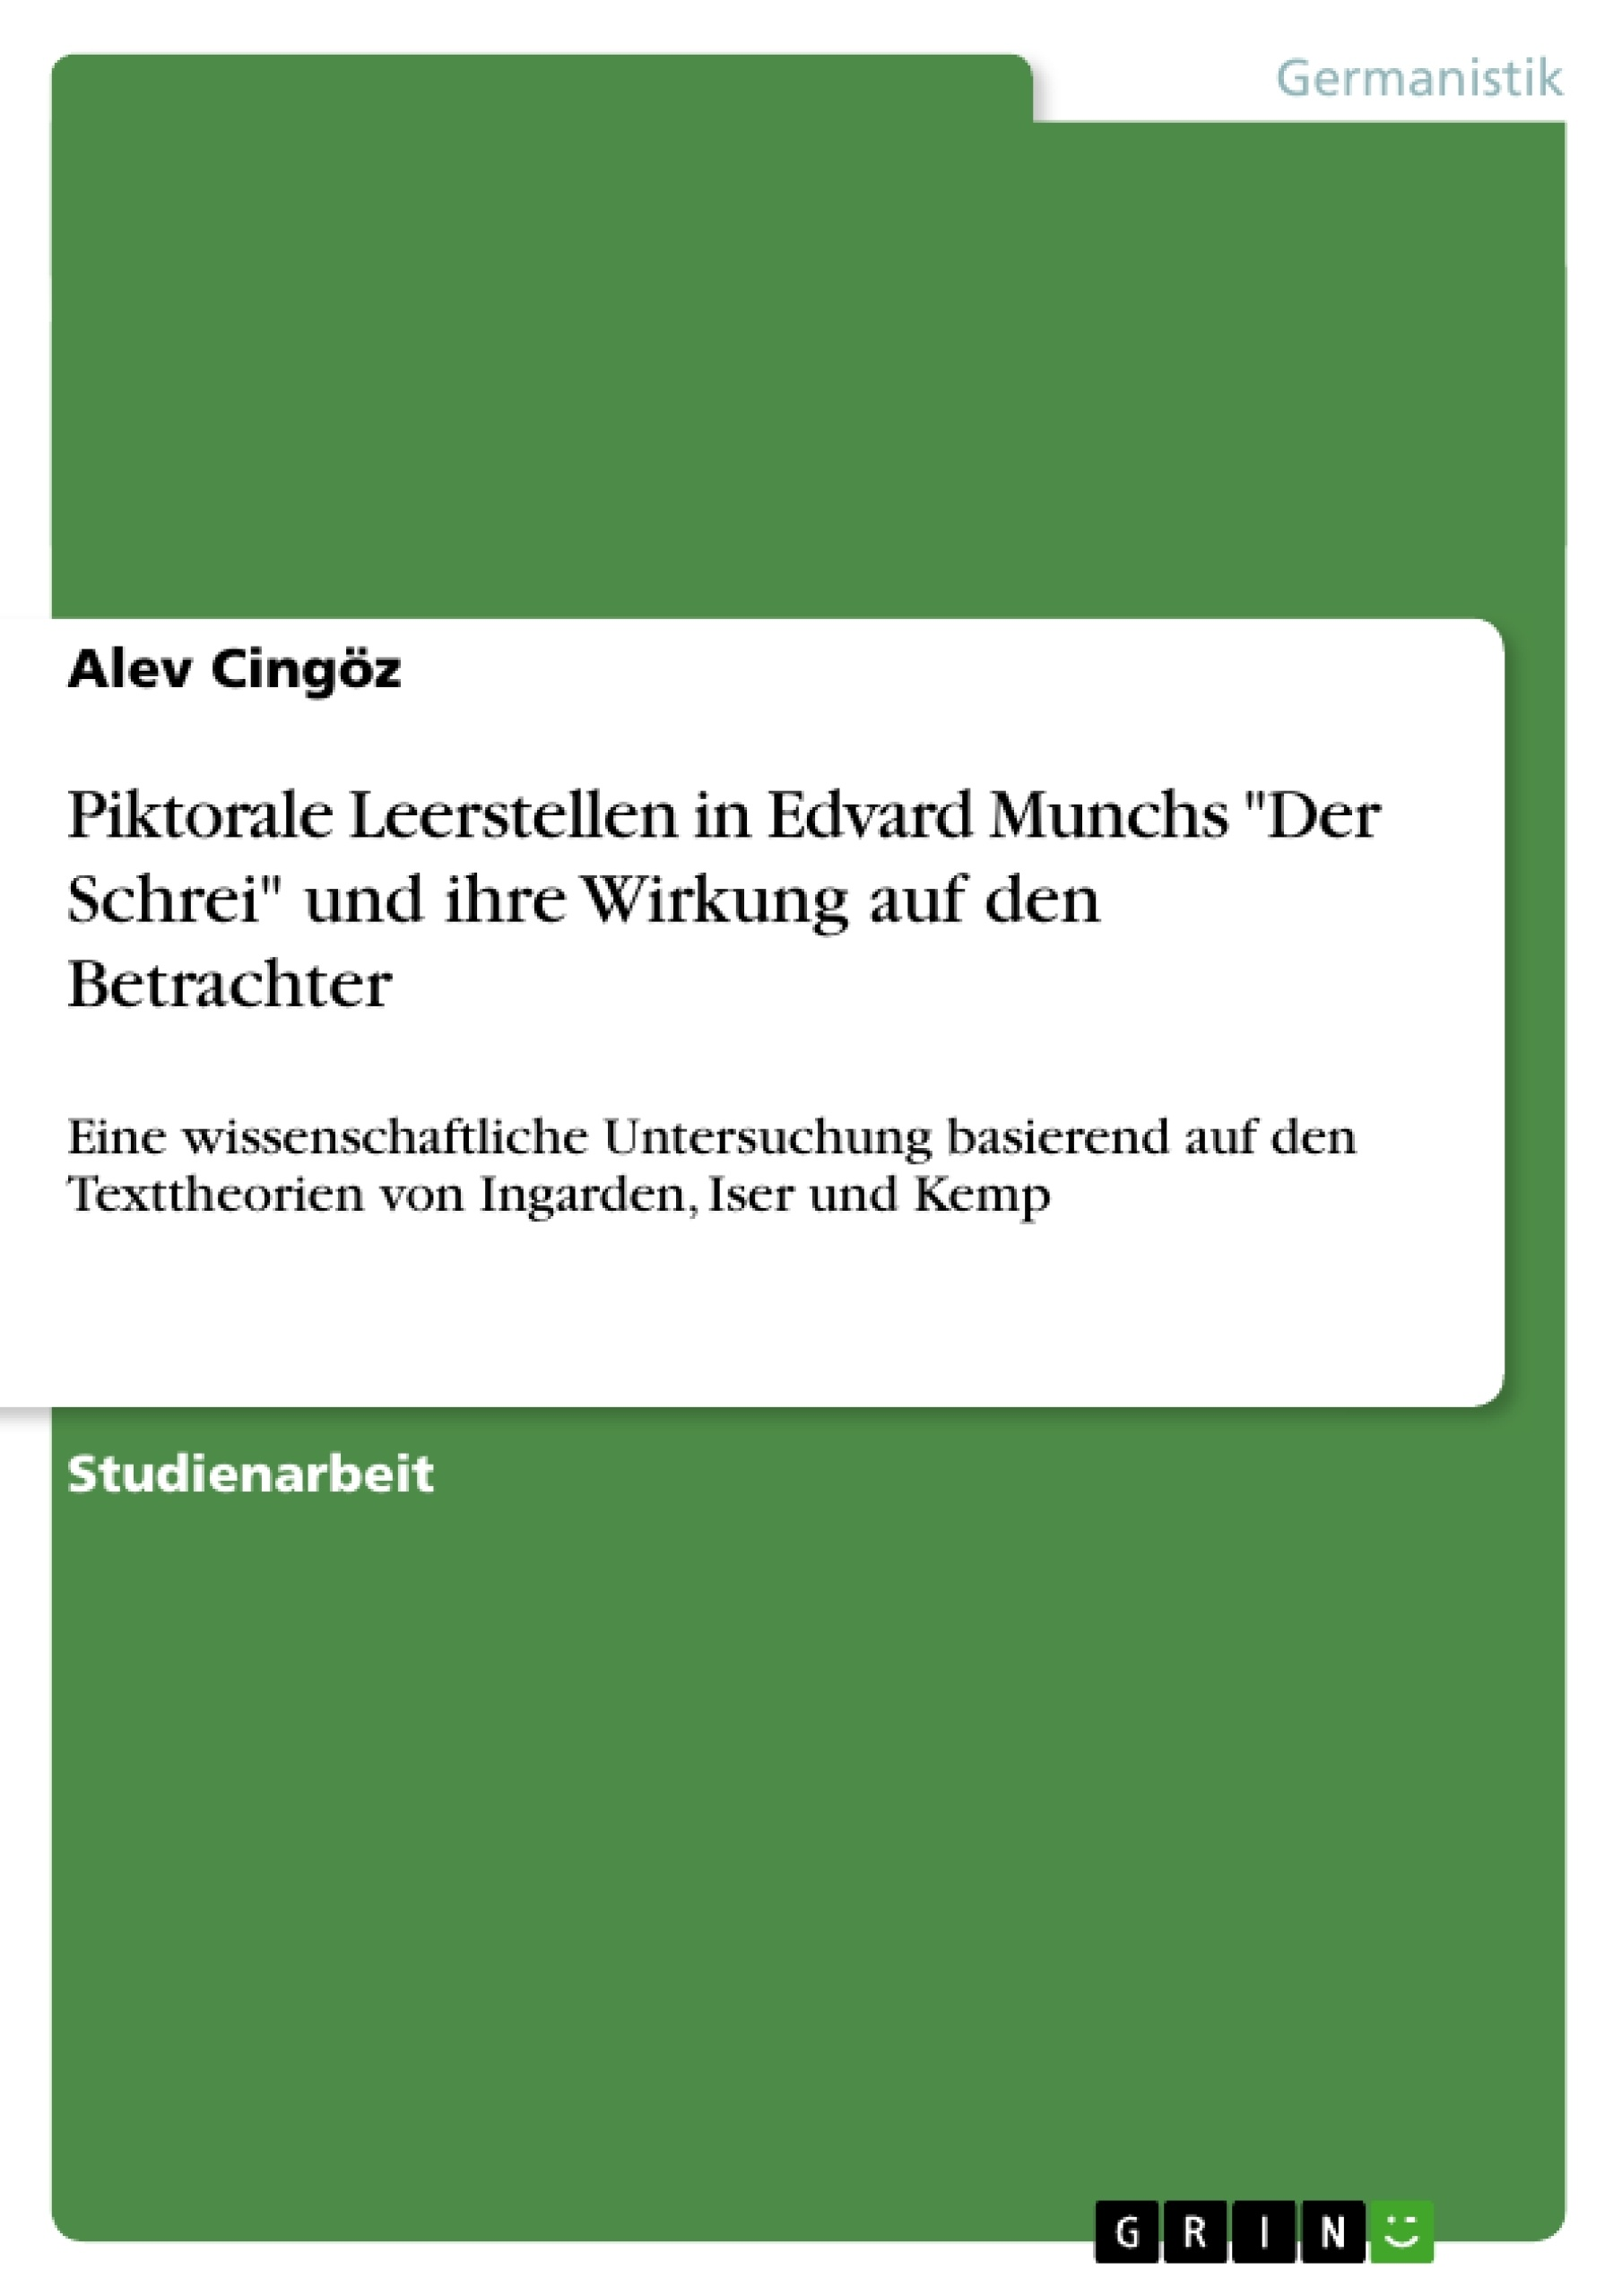 """Titel: Piktorale Leerstellen in Edvard Munchs """"Der Schrei"""" und ihre Wirkung auf den Betrachter"""